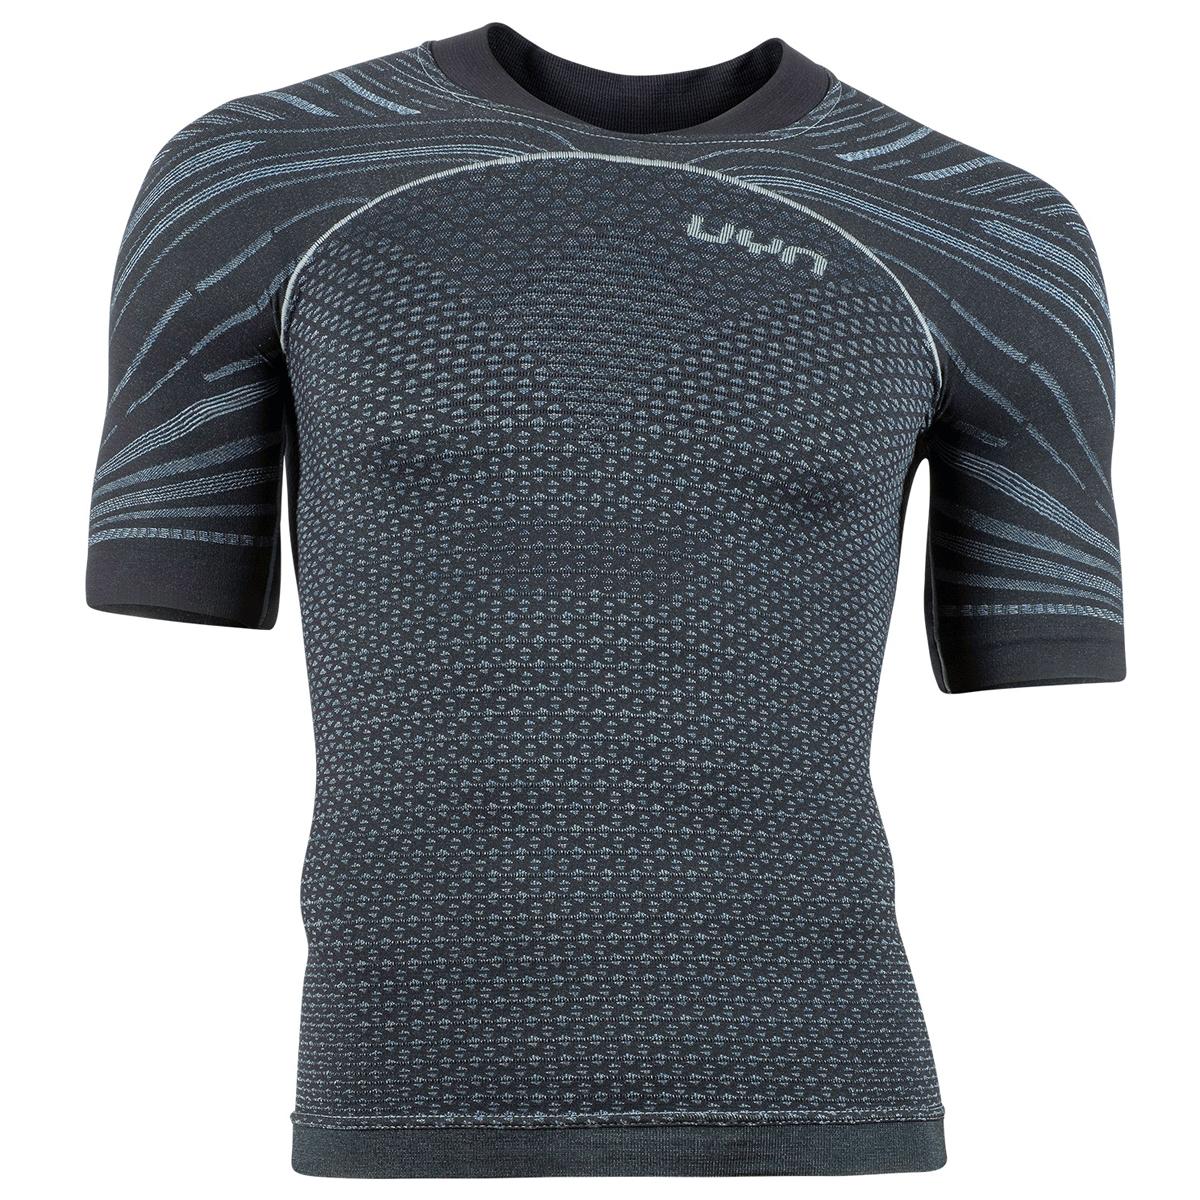 Bild von UYN Alpha Coolboost Running T-Shirt - Denim